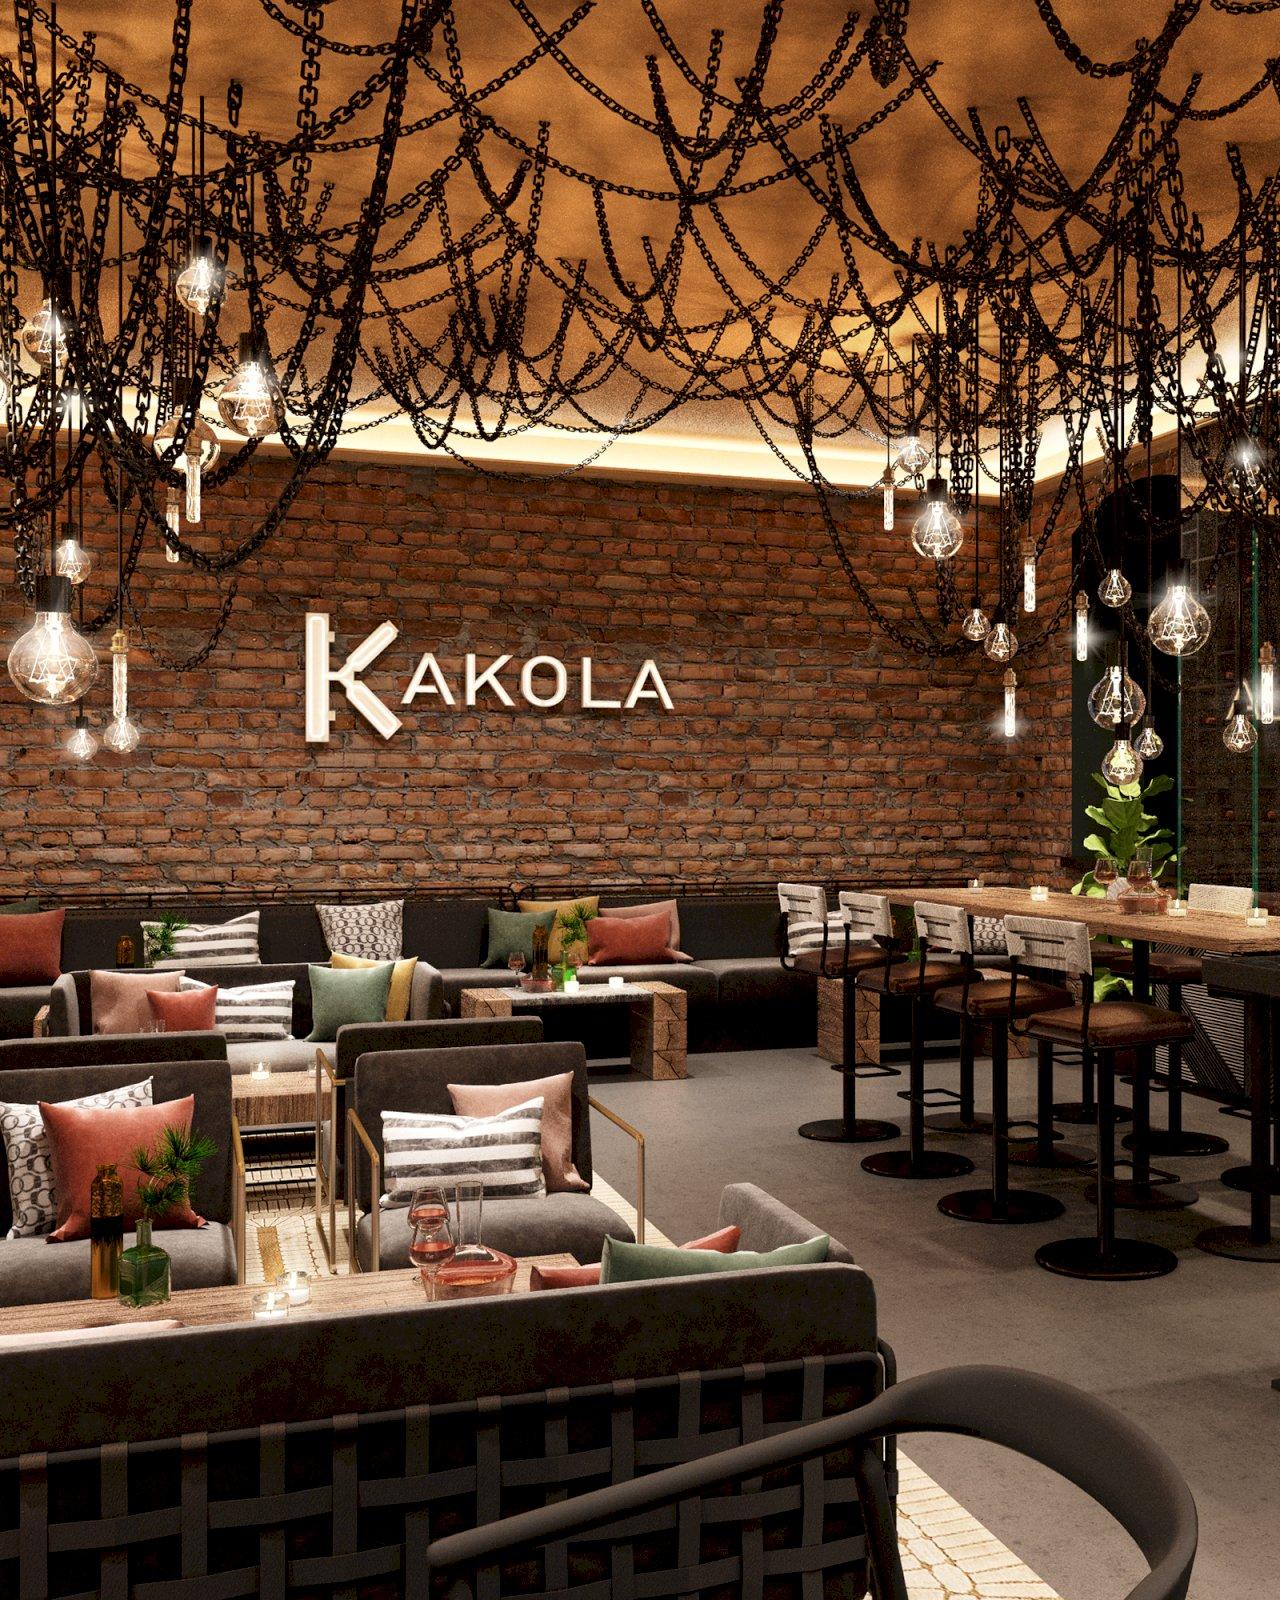 Hotel Kakolan aulassa tiiliseinää ja ketjuista roikkuvia valaisimia.